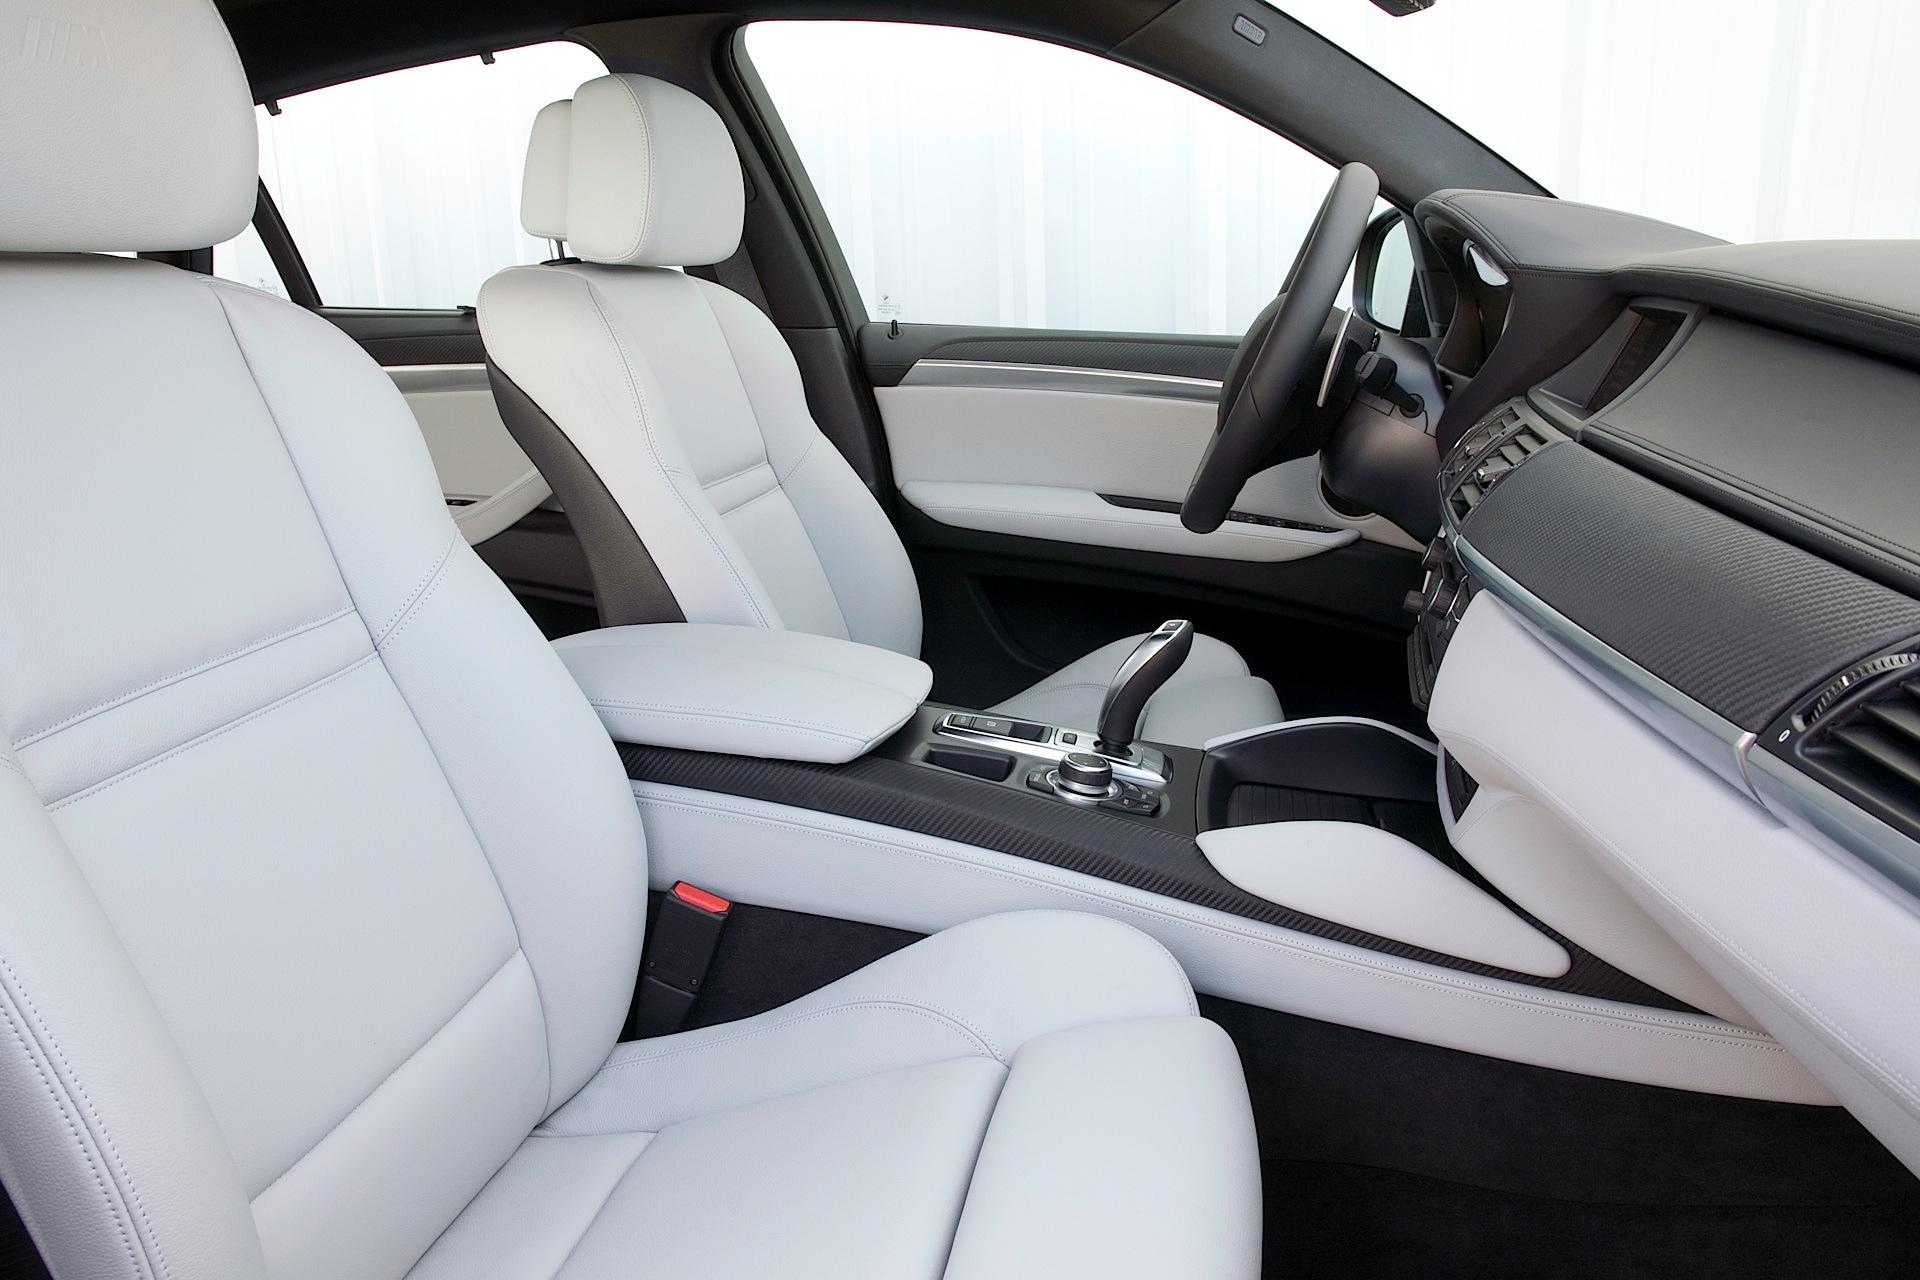 bmw x6 2015 interior. 2009 bmw e71 x6 m interior bmw 2015